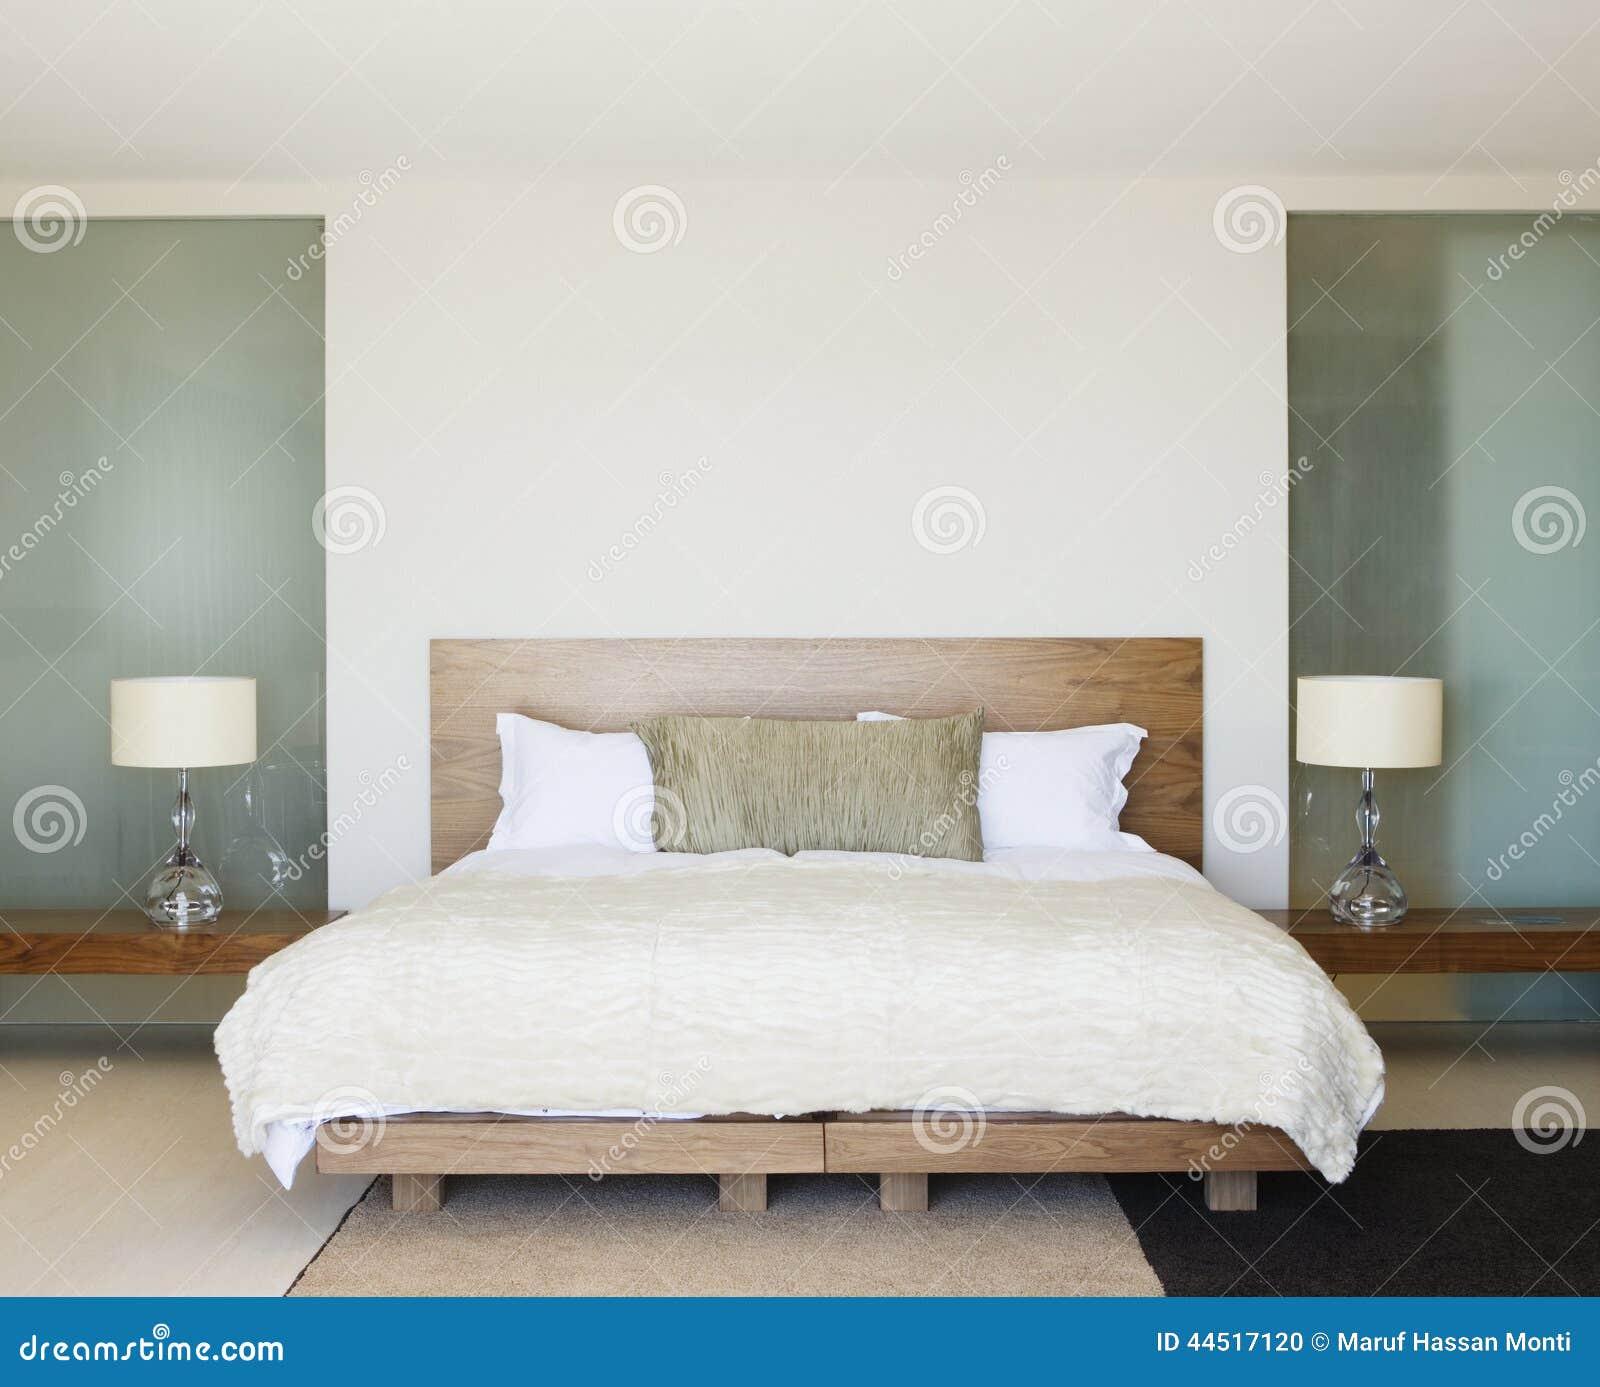 Modernt sovrum med träsäng arkivfoto   bild: 44517120